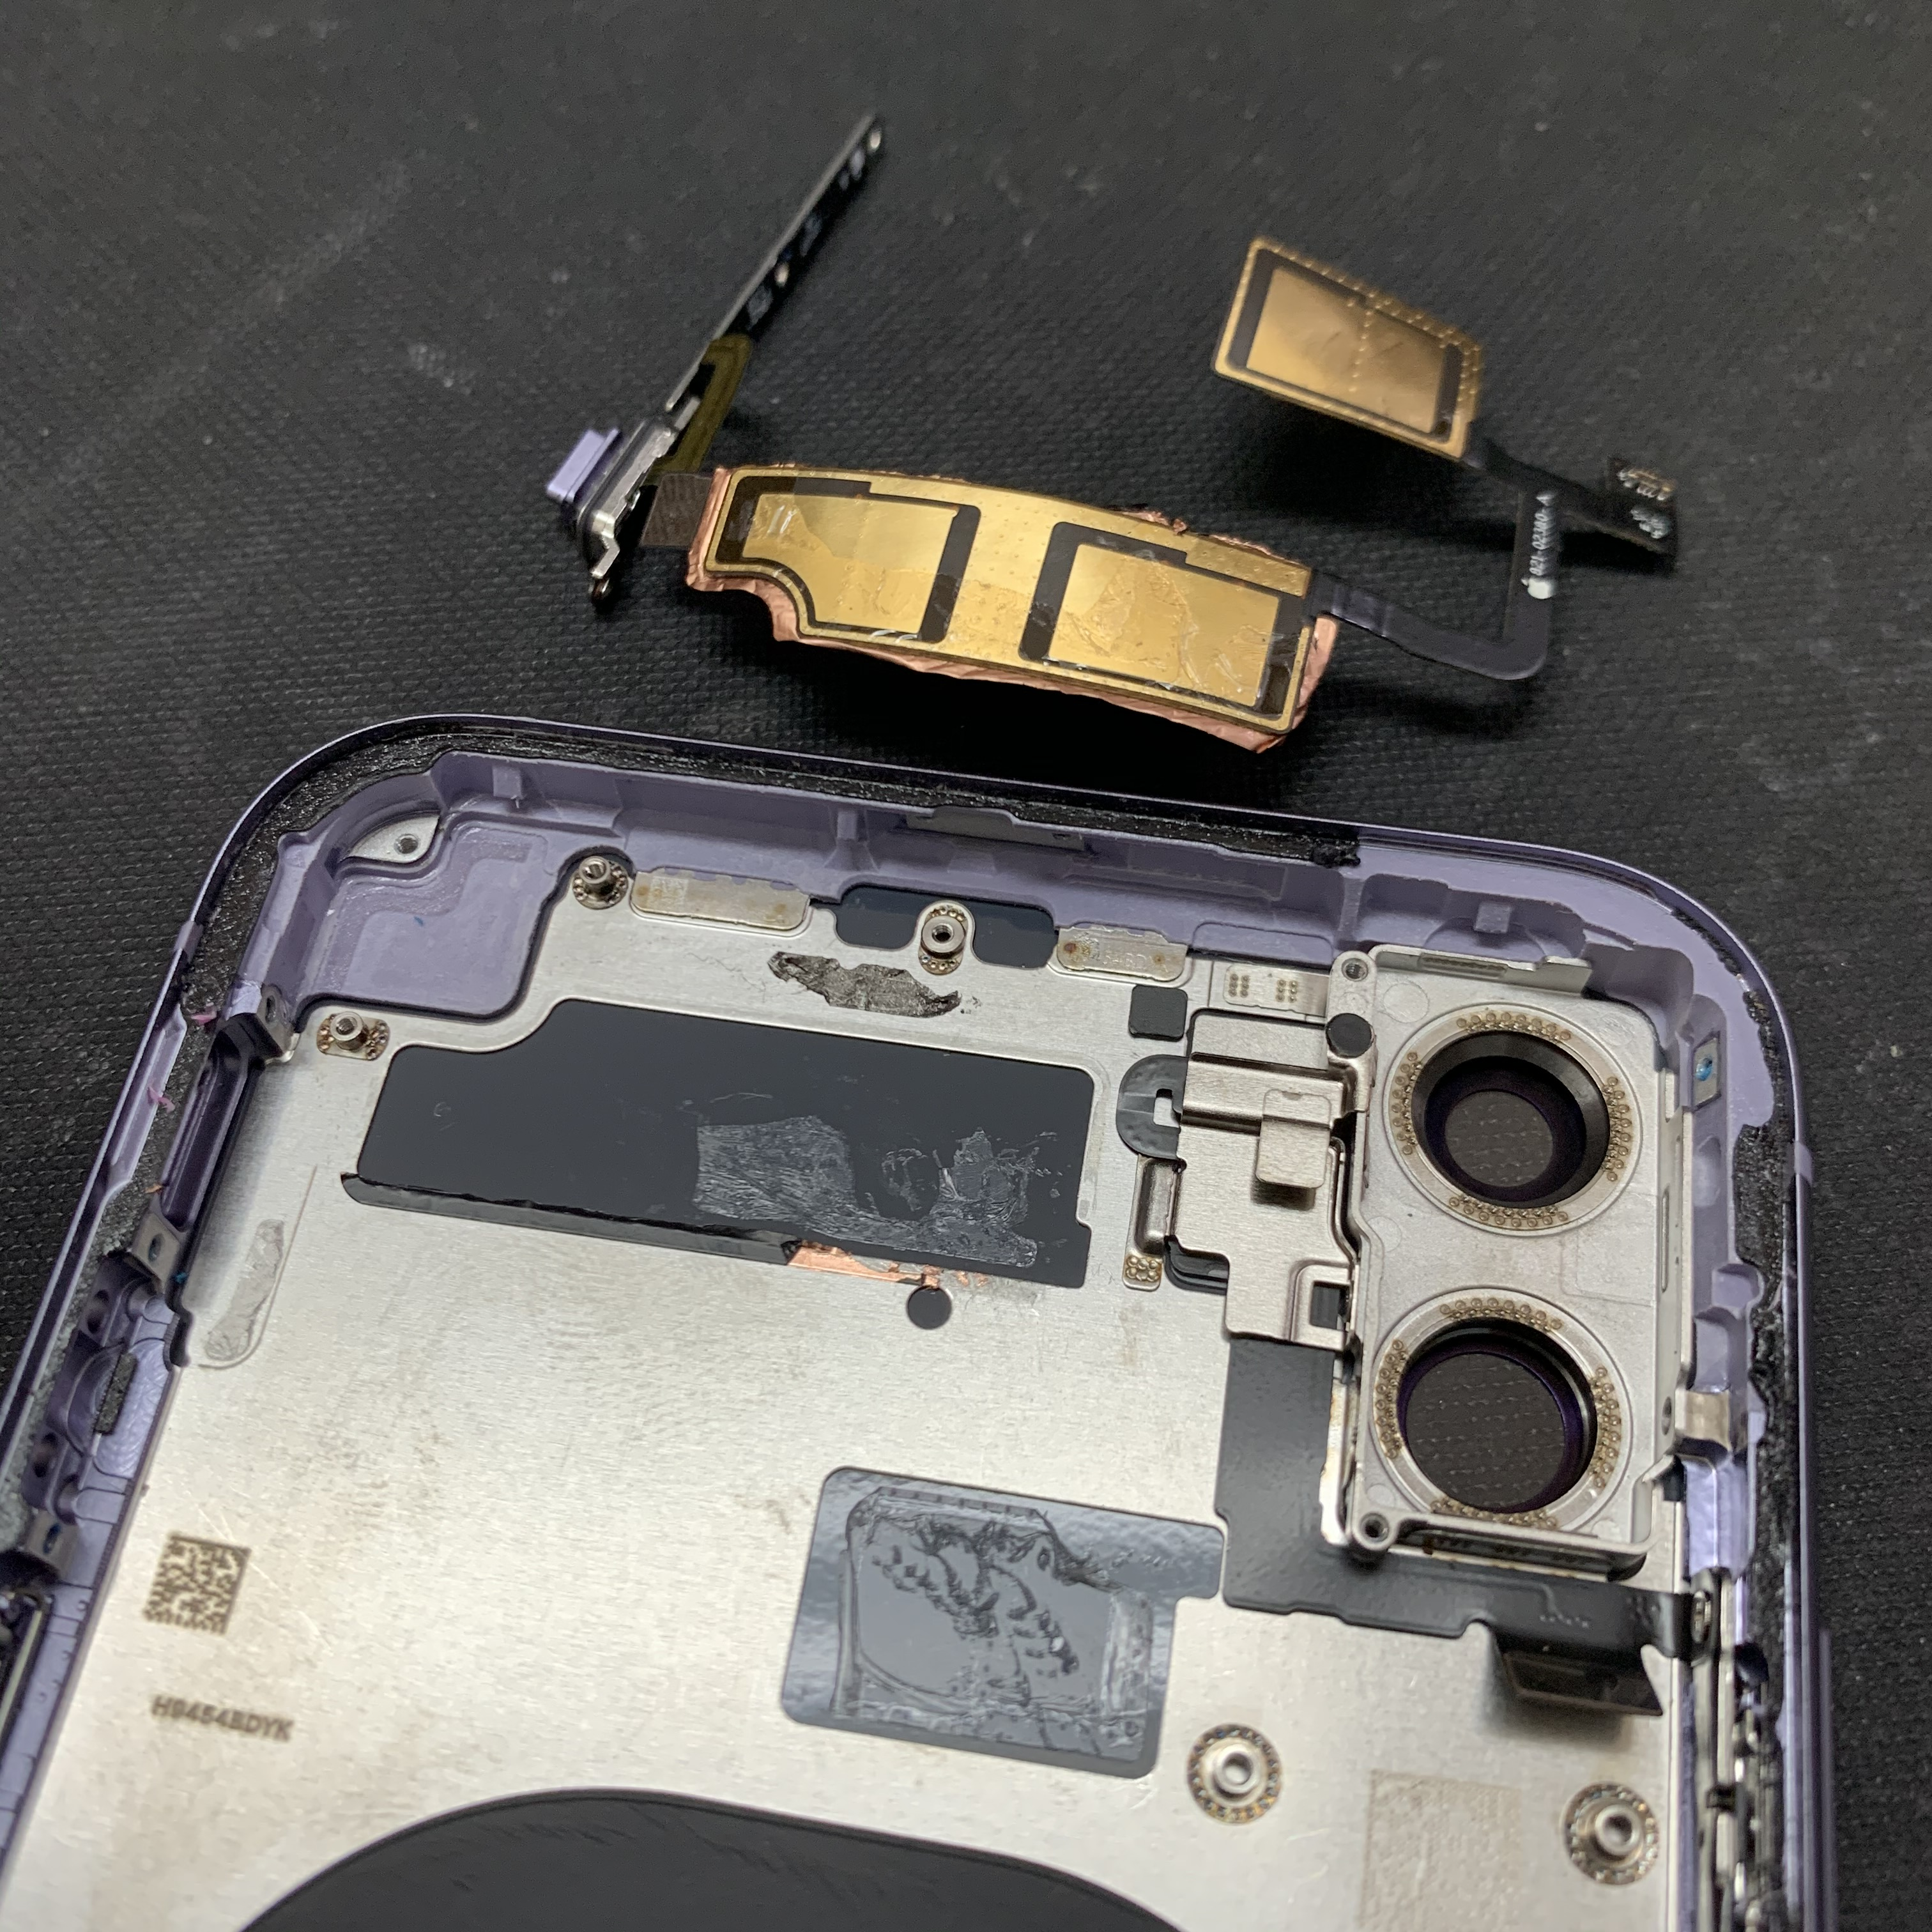 iPhone11タピオカレンズの裏側